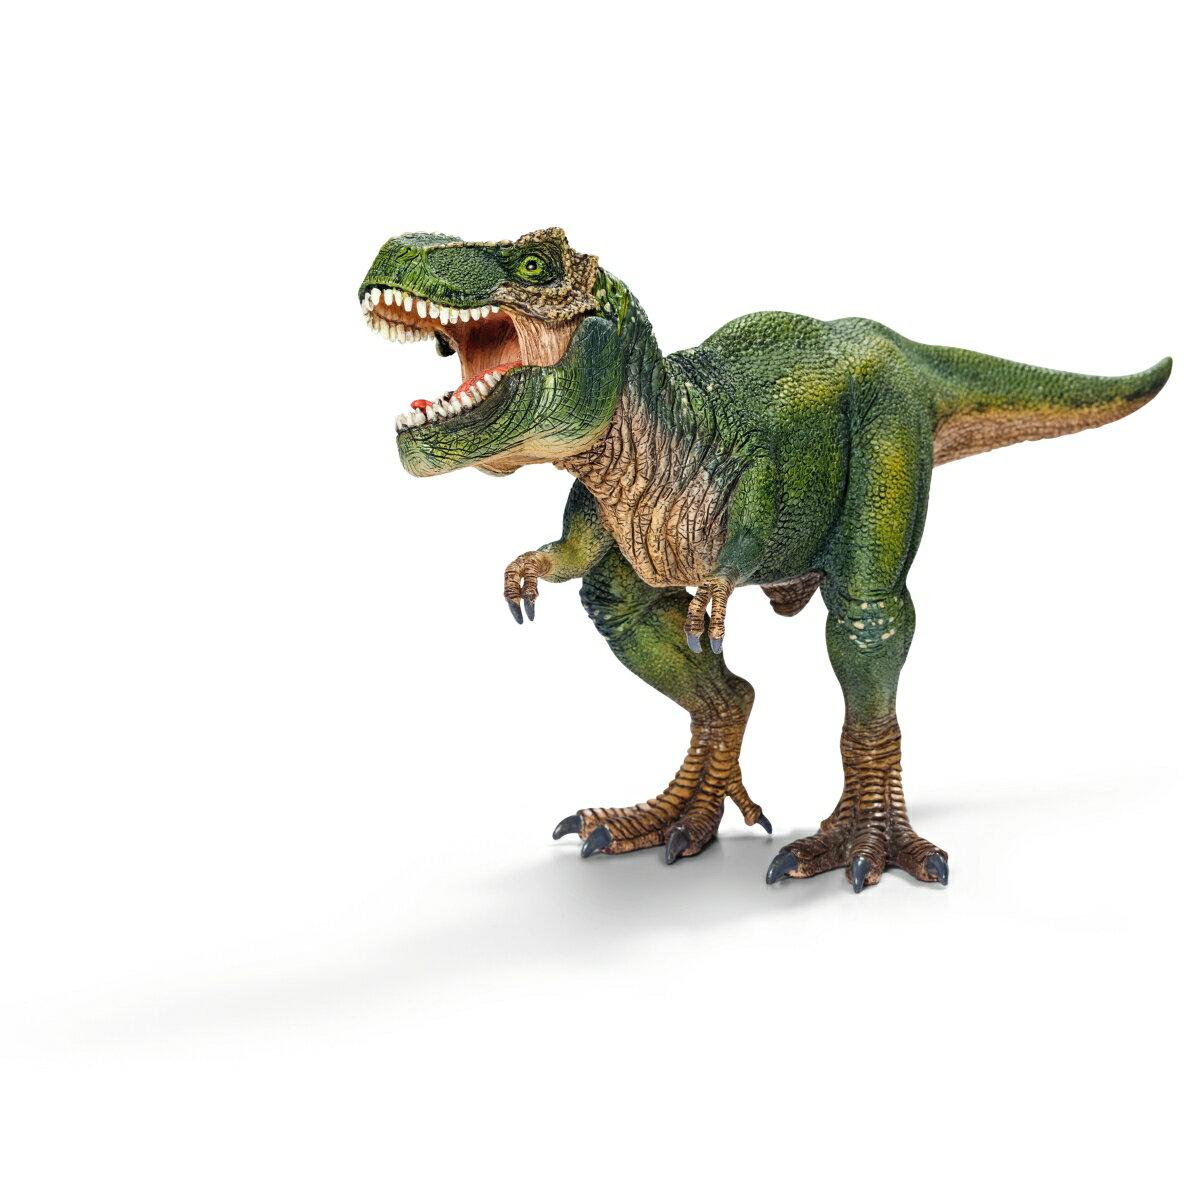 14525 ティラノサウルス・レックス 【シュライヒ】 DINOSAURS/恐竜